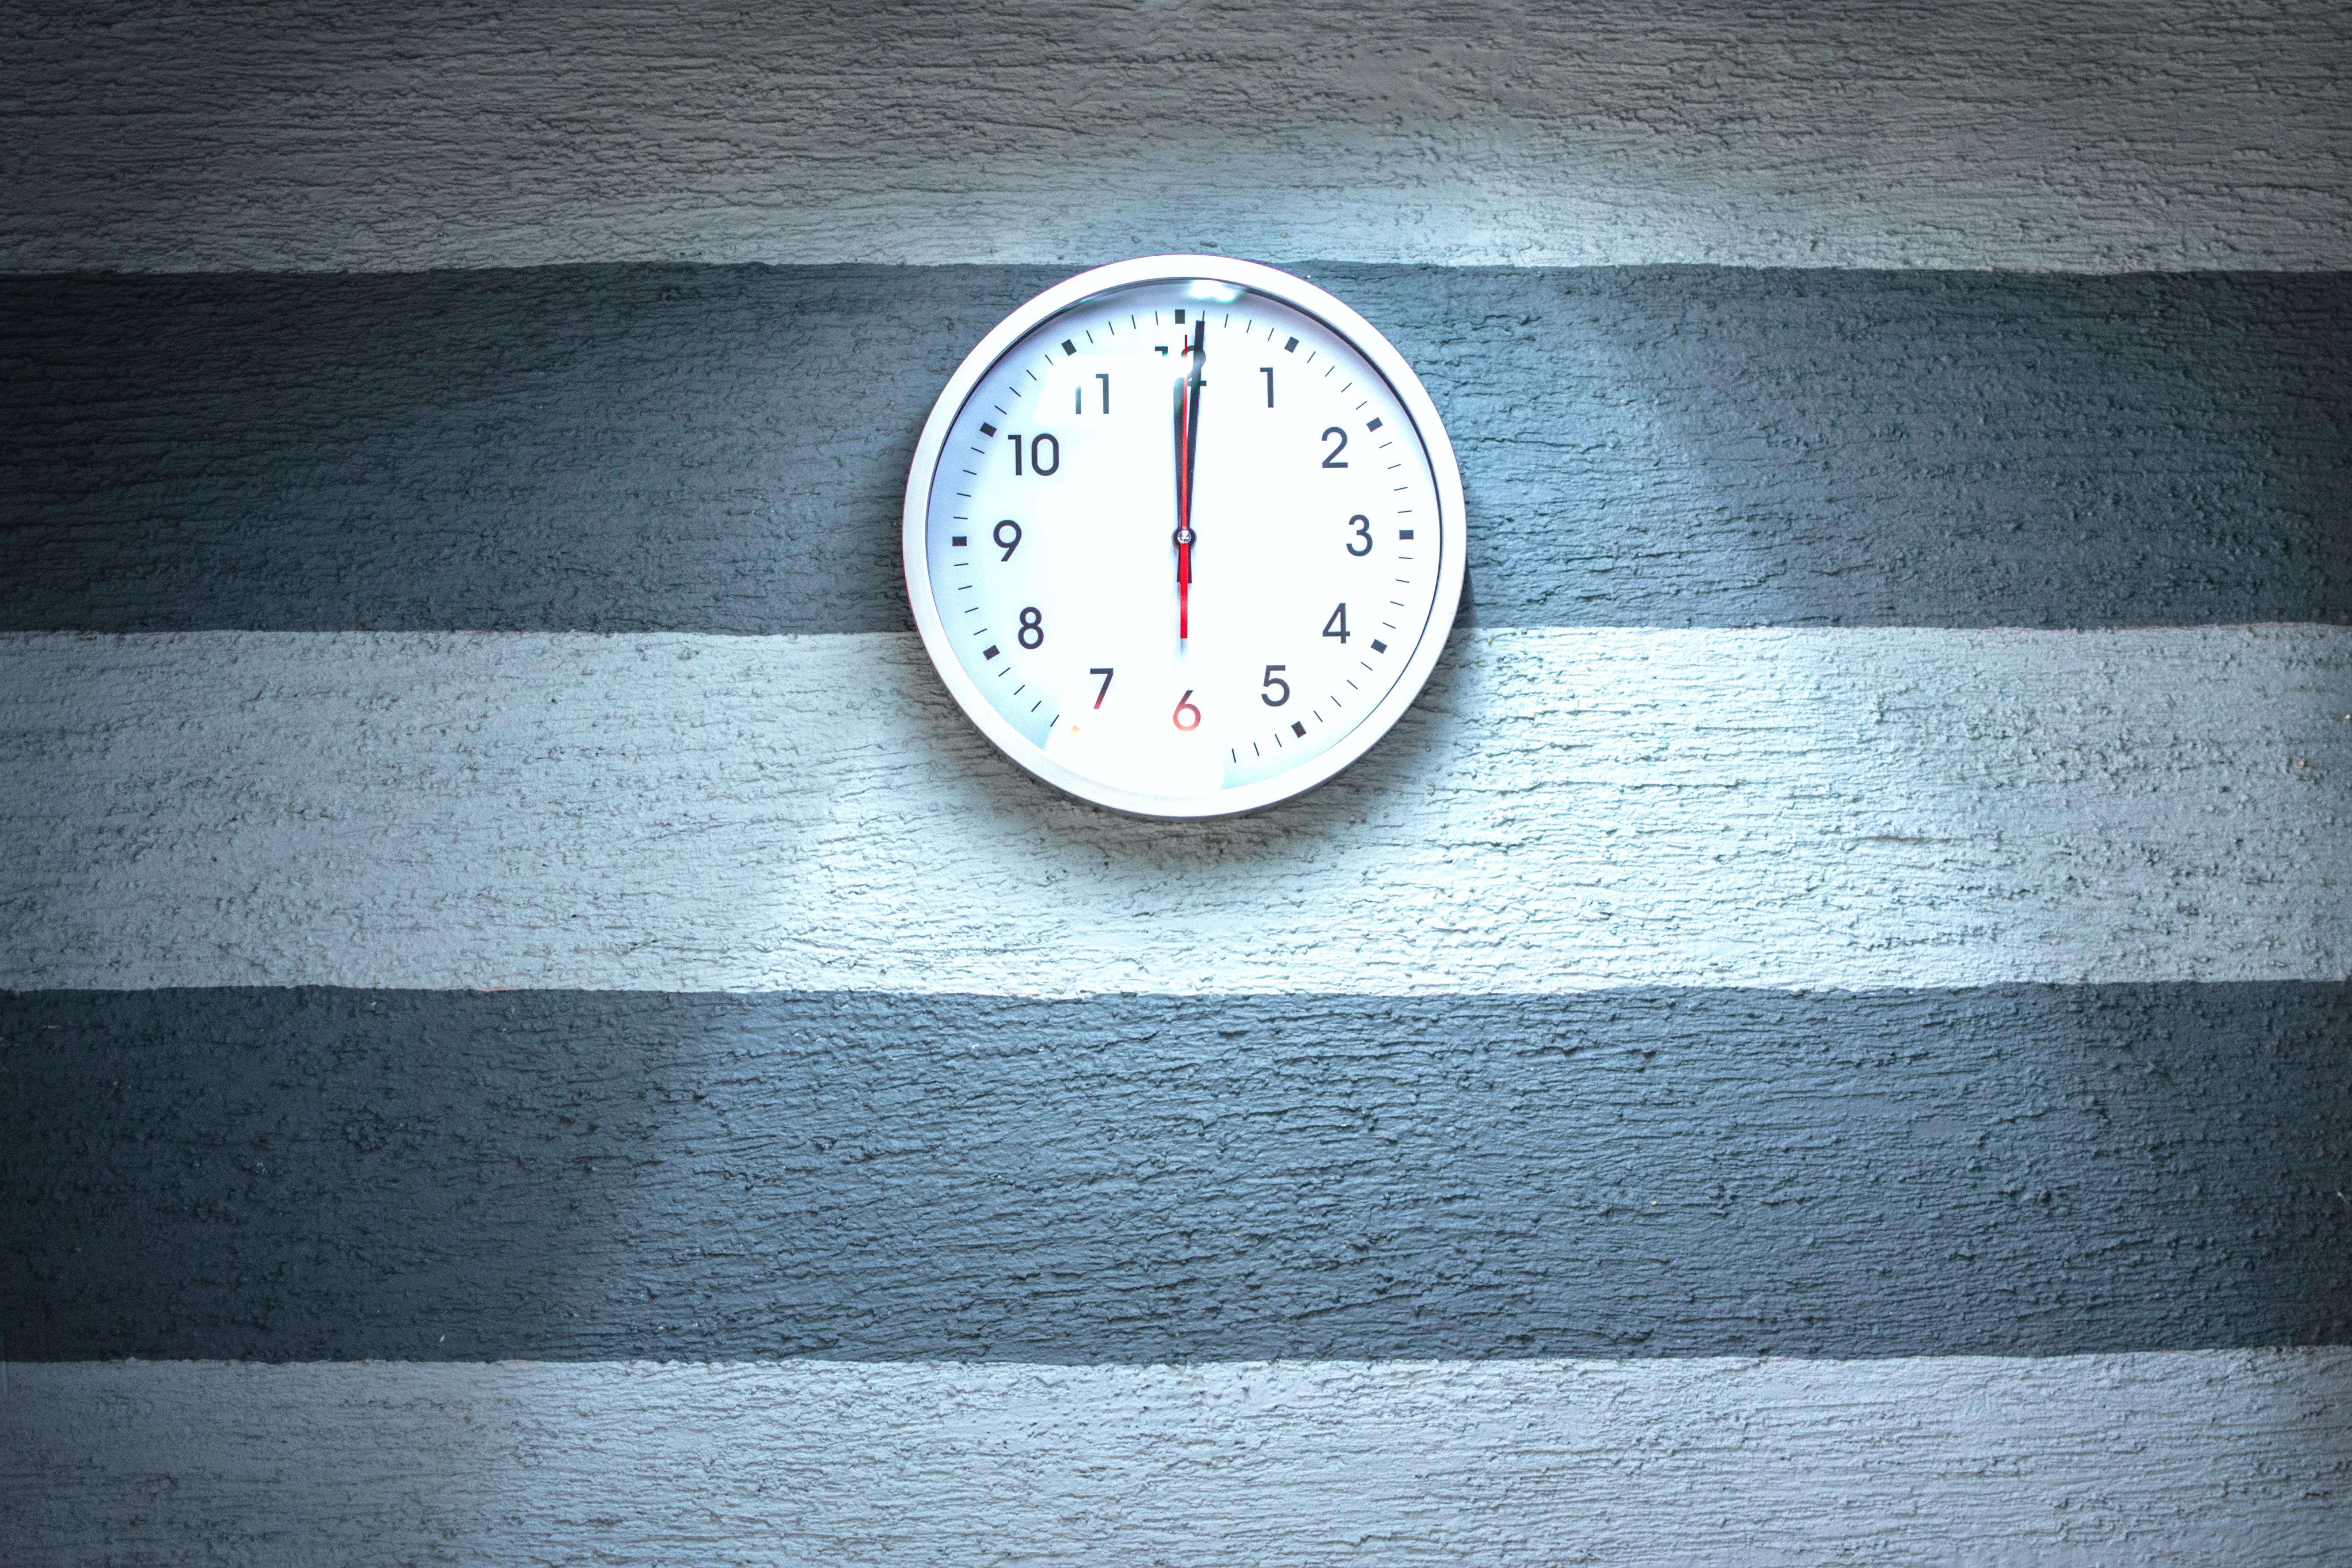 Clock showing 12 o'clock.